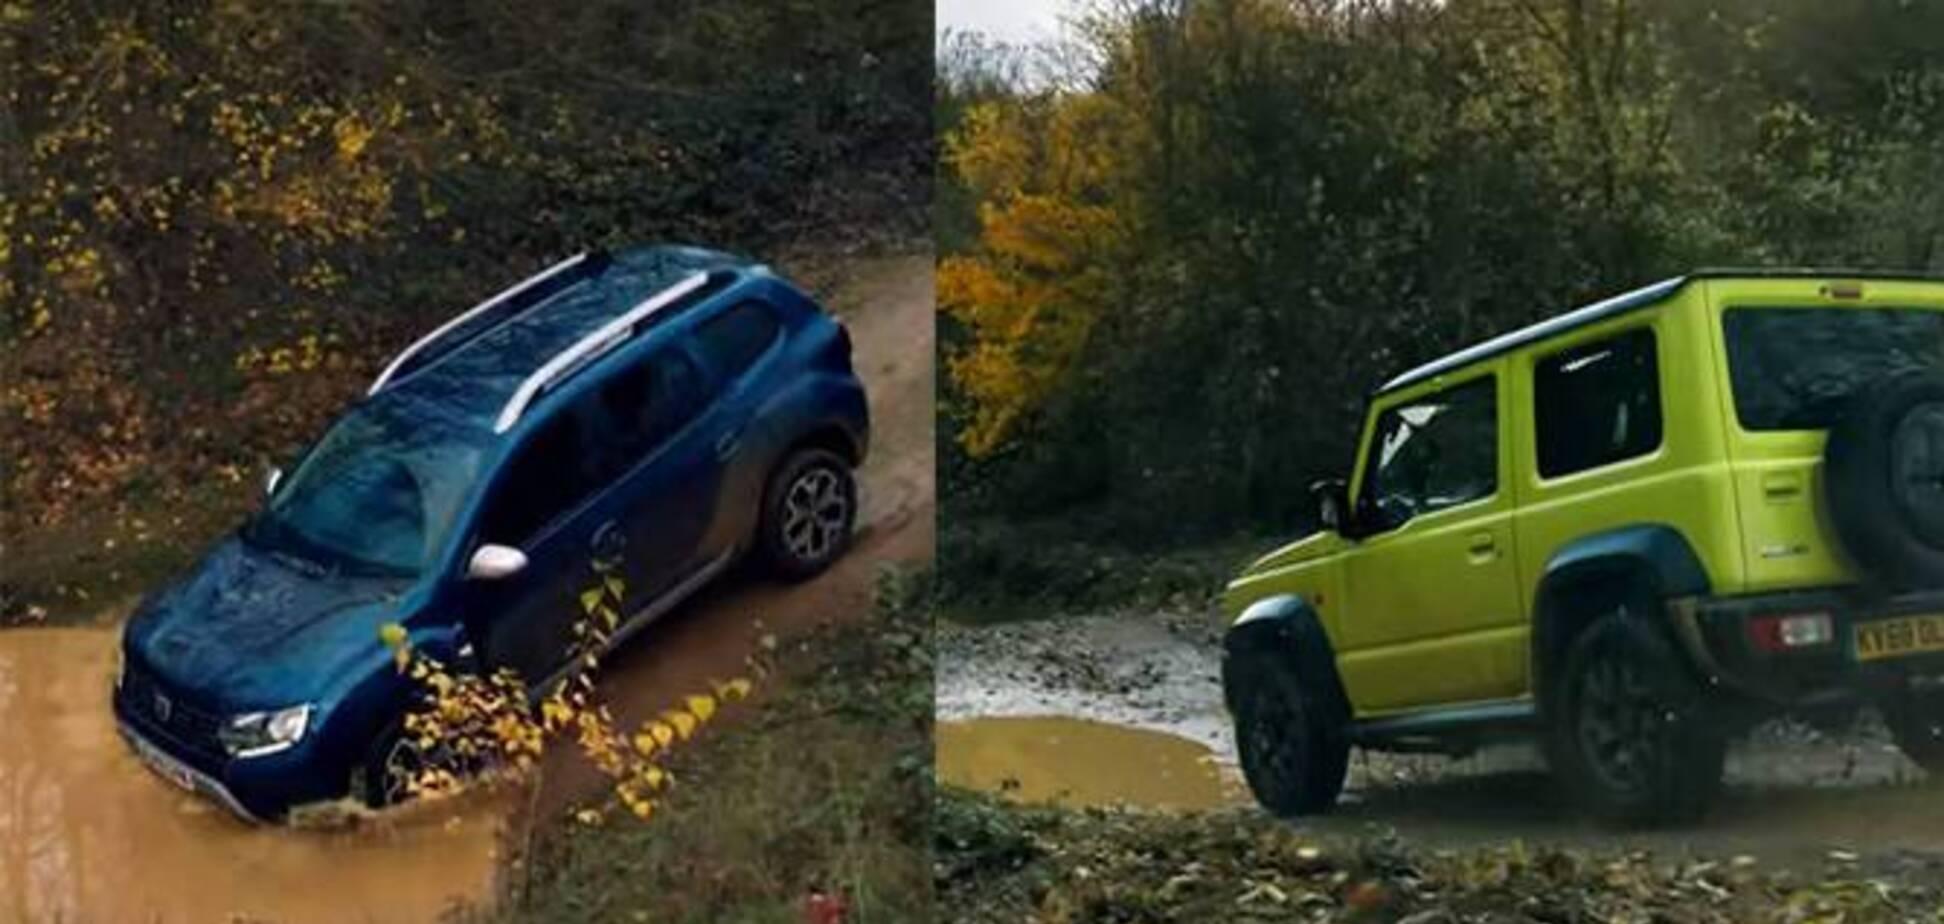 Що швидше на бездоріжжі: Renault Duster проти Suzuki Jimny